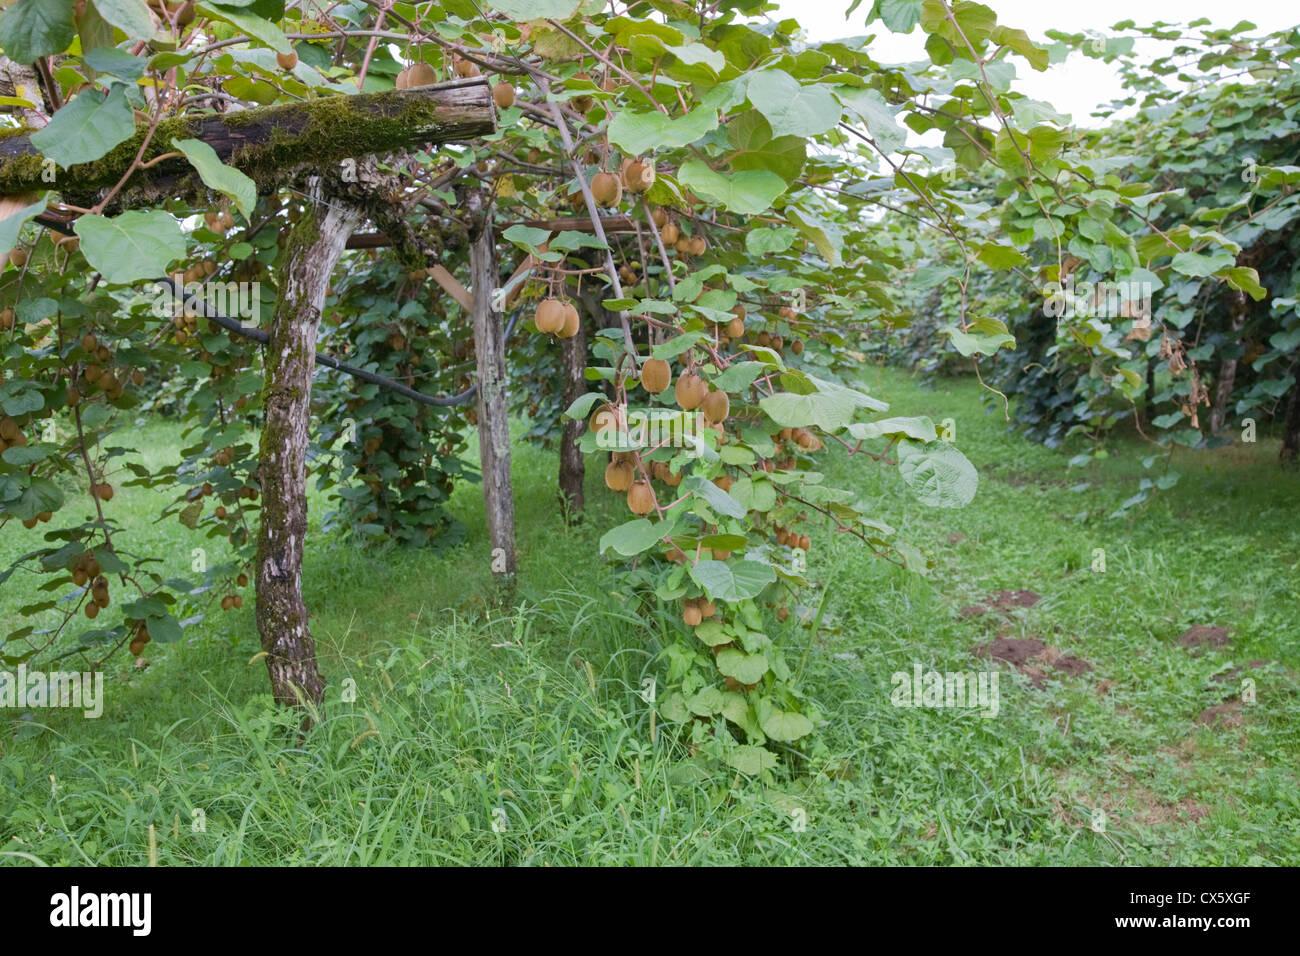 plantation du kiwi france banque d 39 images photo stock 50532399 alamy. Black Bedroom Furniture Sets. Home Design Ideas